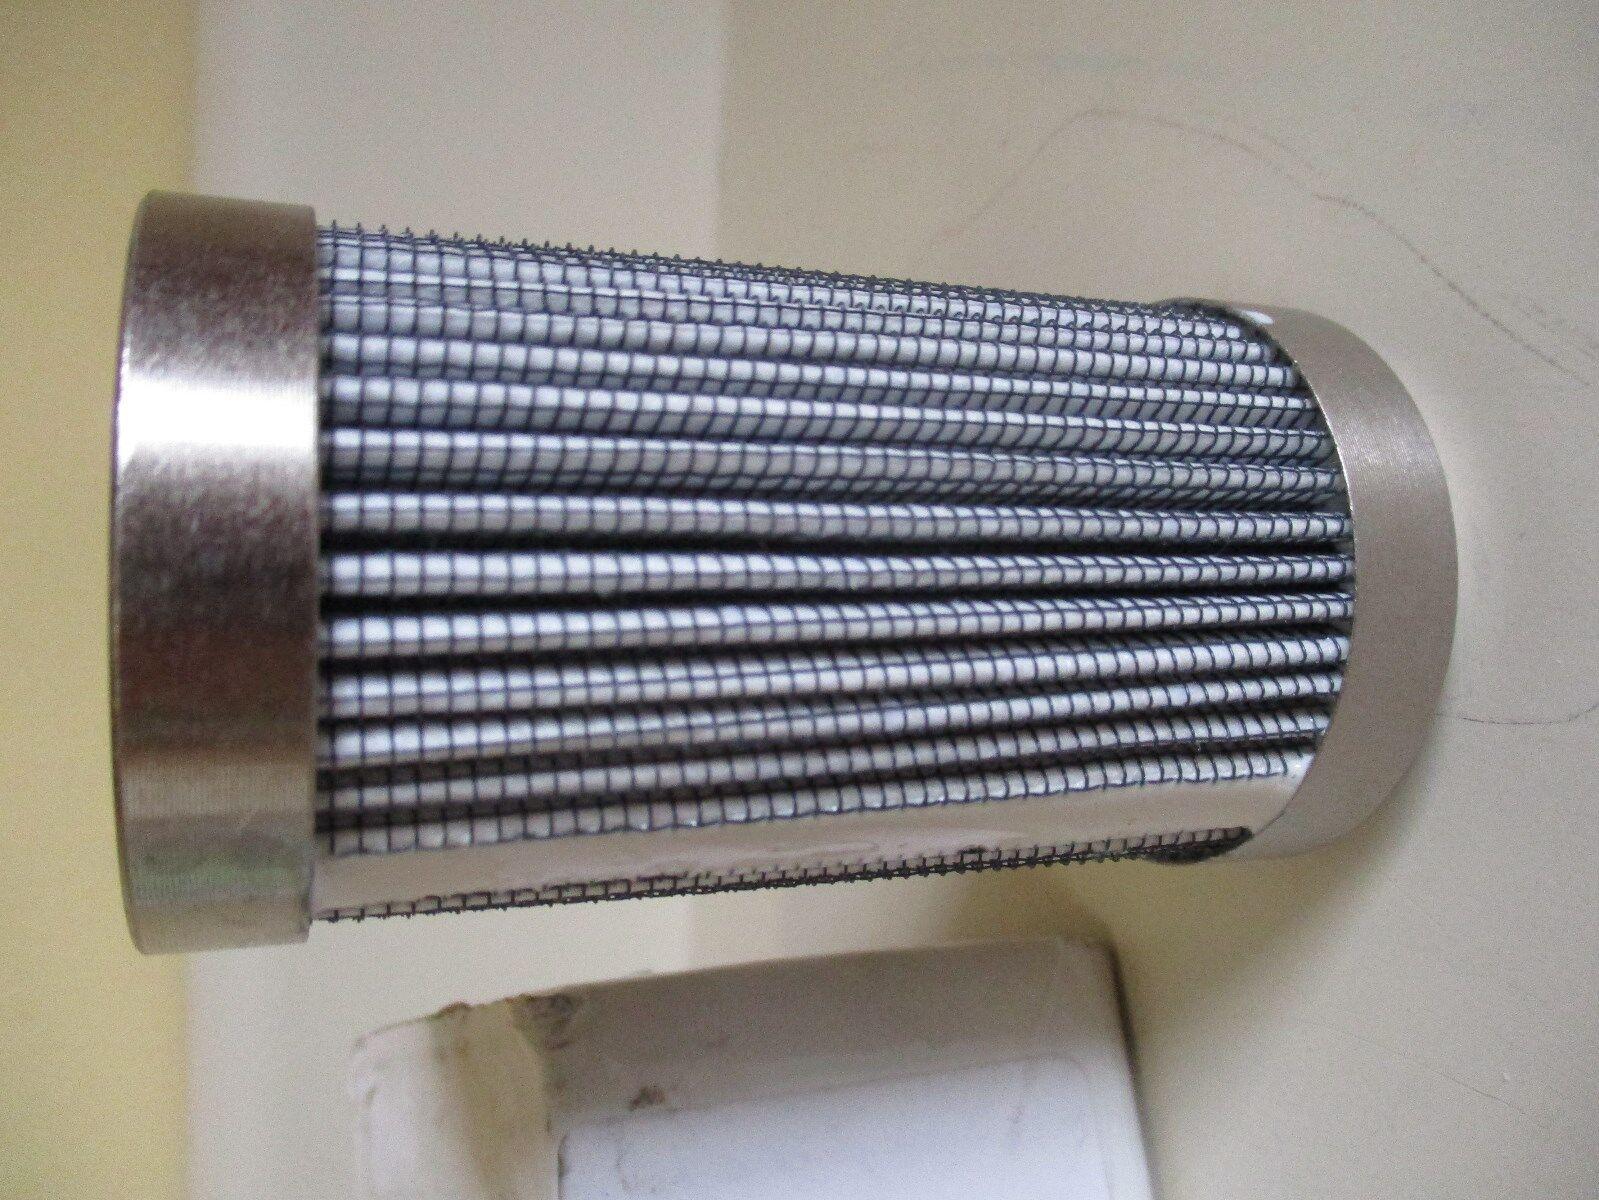 Killer Filter Replacement for FILTREC D612GW25V